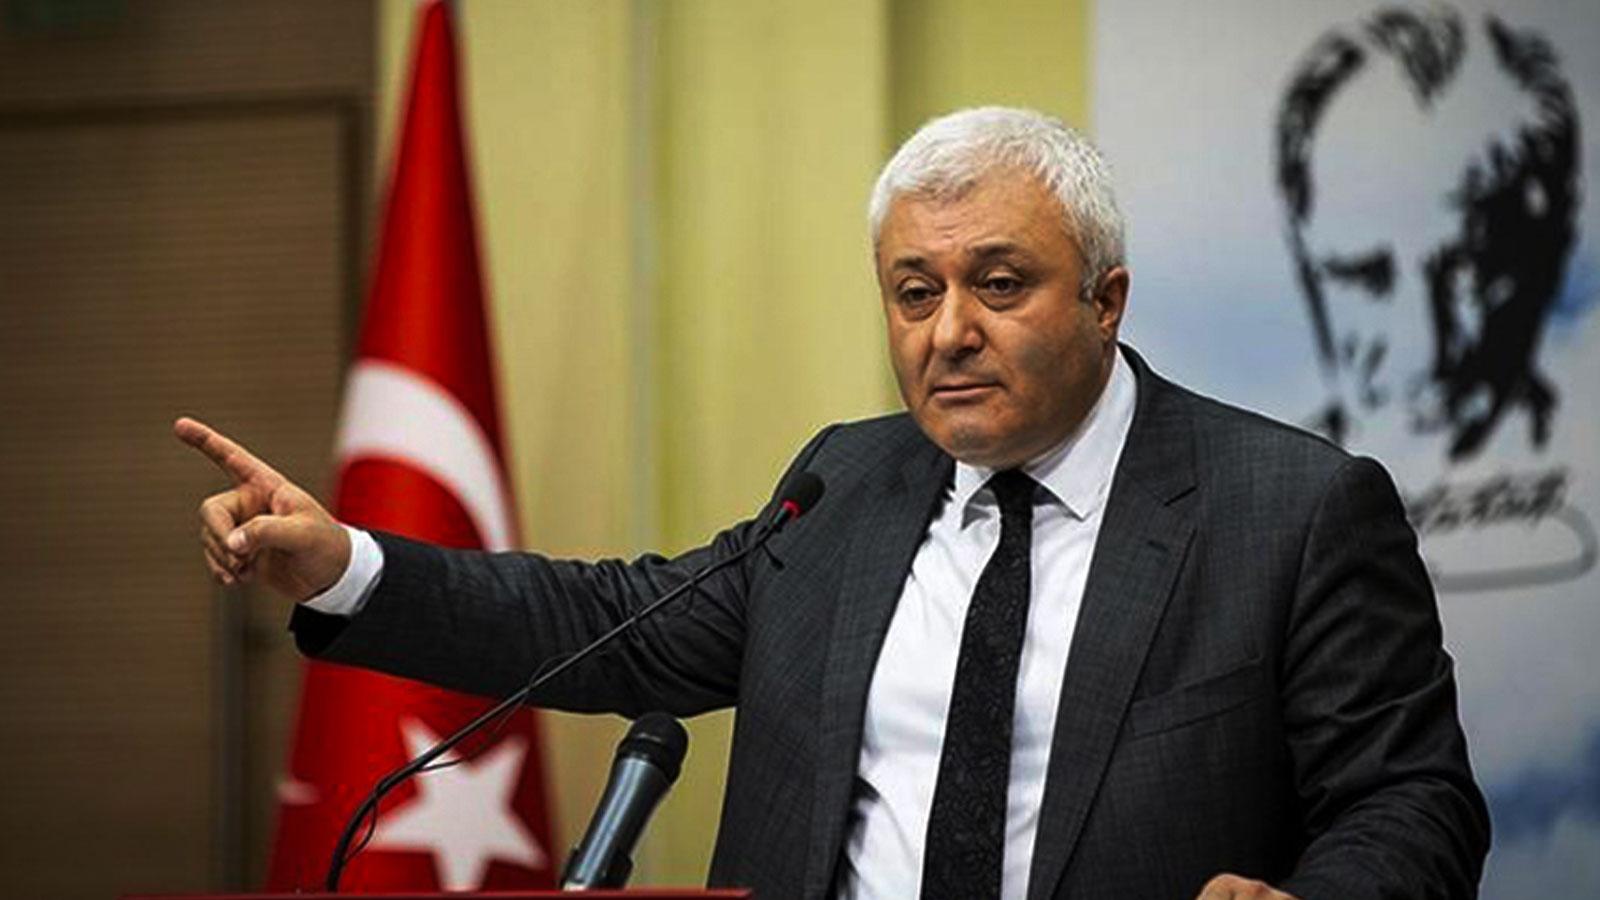 CHP'li Özkan: Envanterimizde Tarım ve Orman Bakanı var mı merak ediyorum